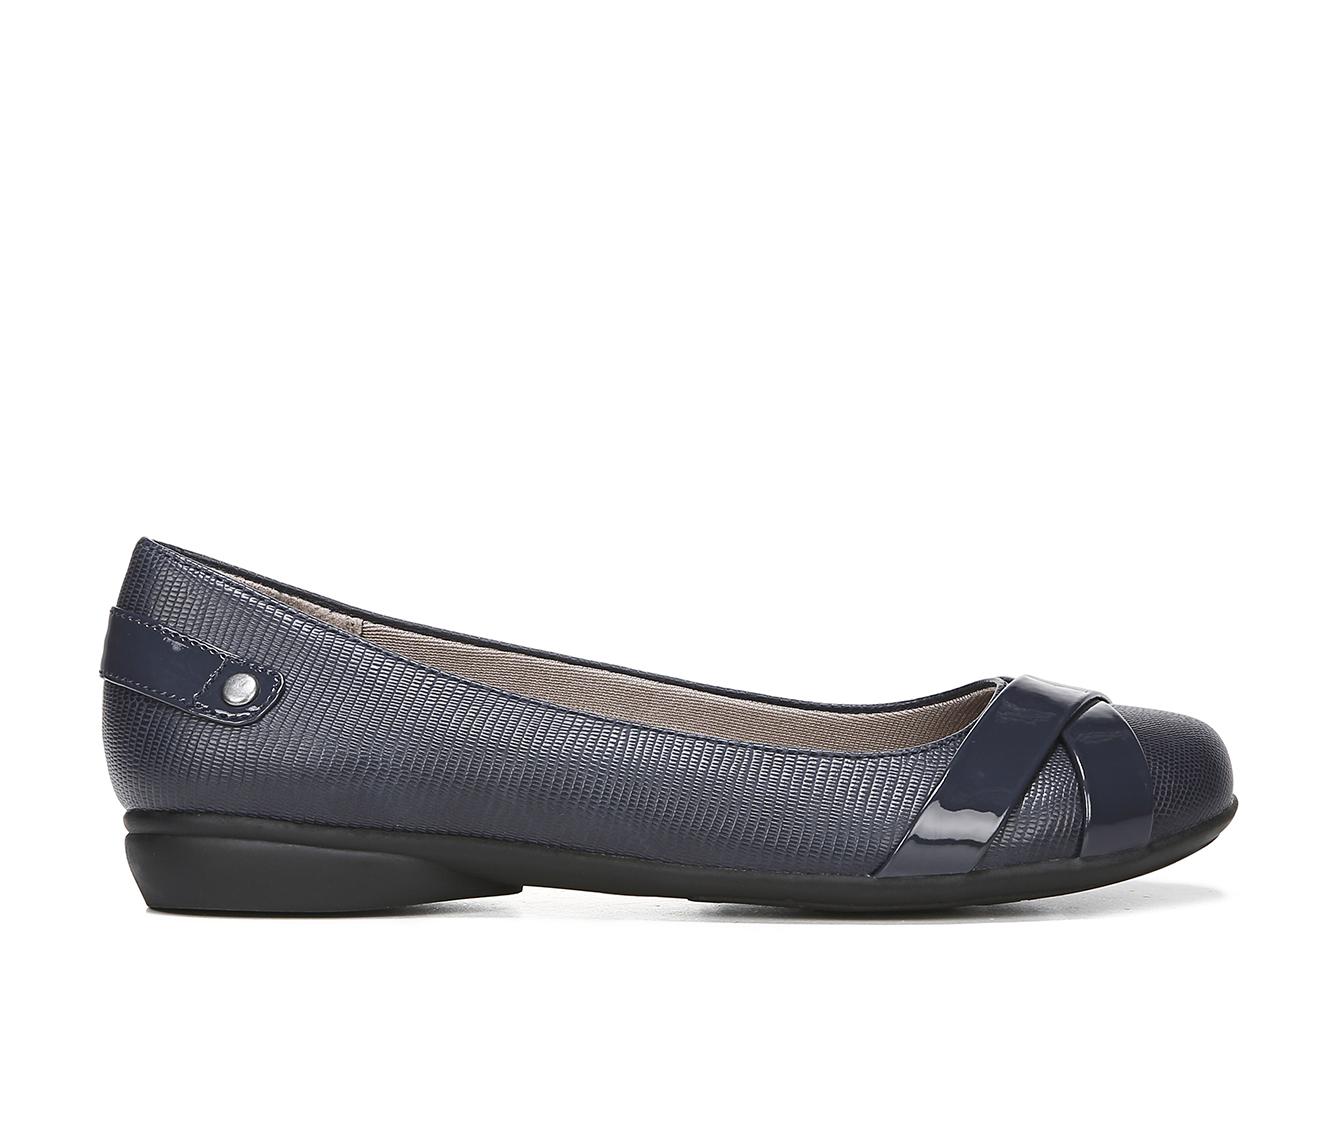 LifeStride Adalene Women's Shoe (Blue Faux Leather)